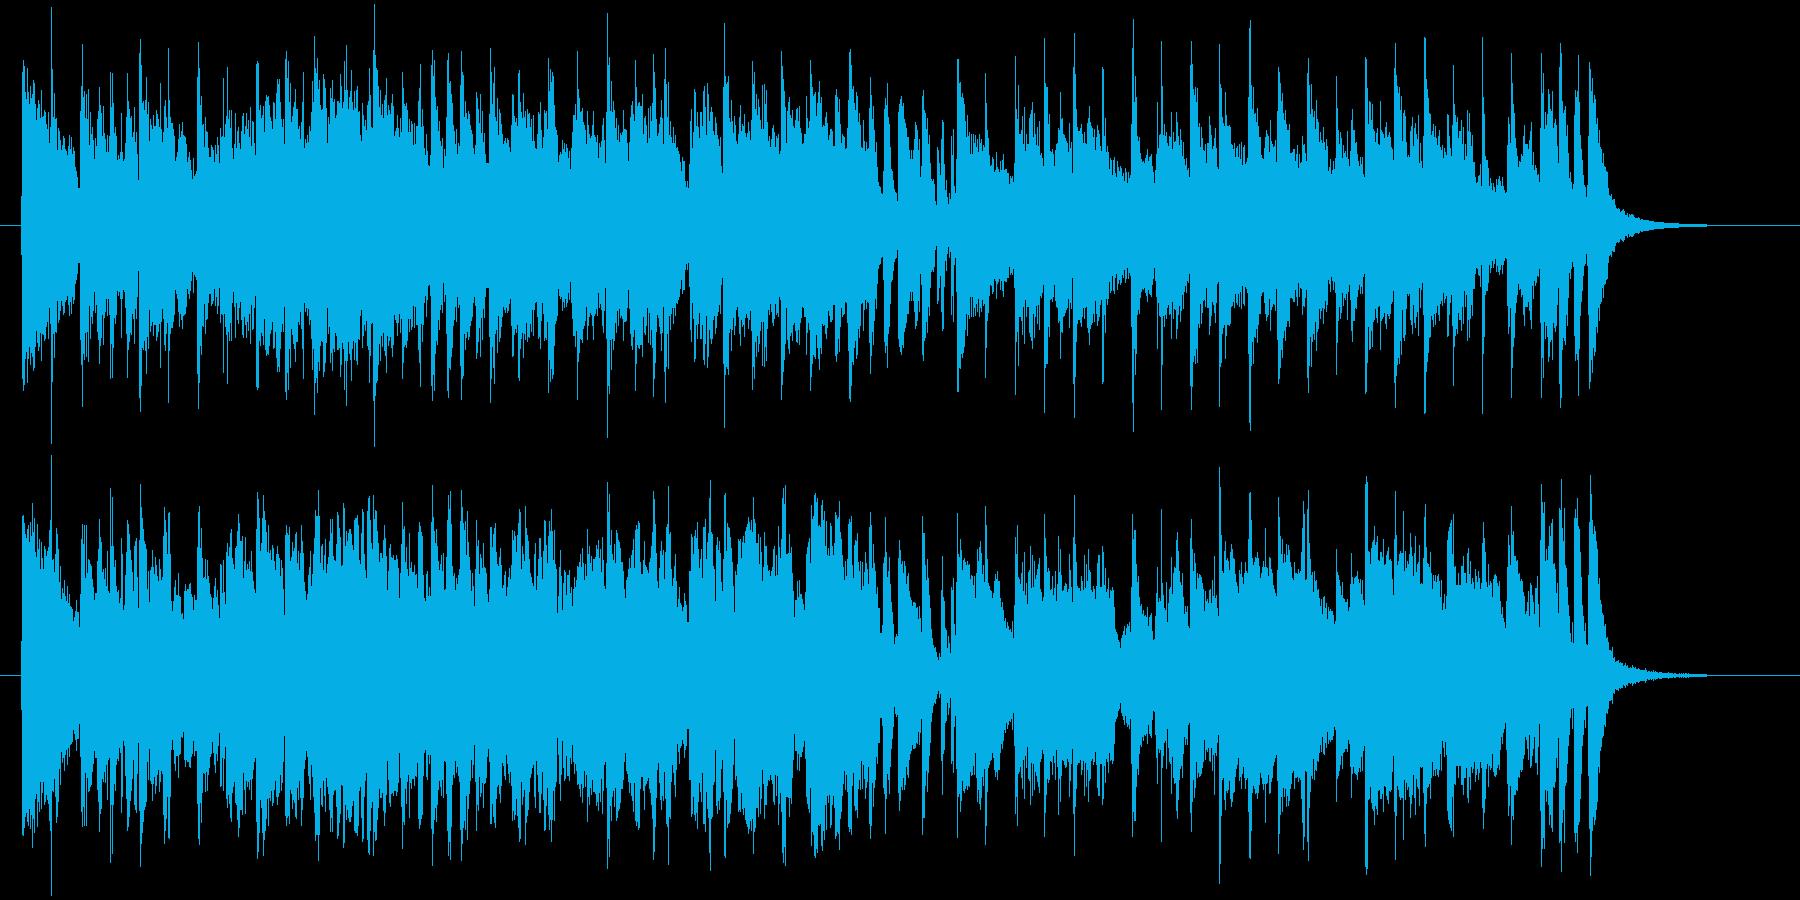 ゆったりと落ち着いた明るい音楽の再生済みの波形